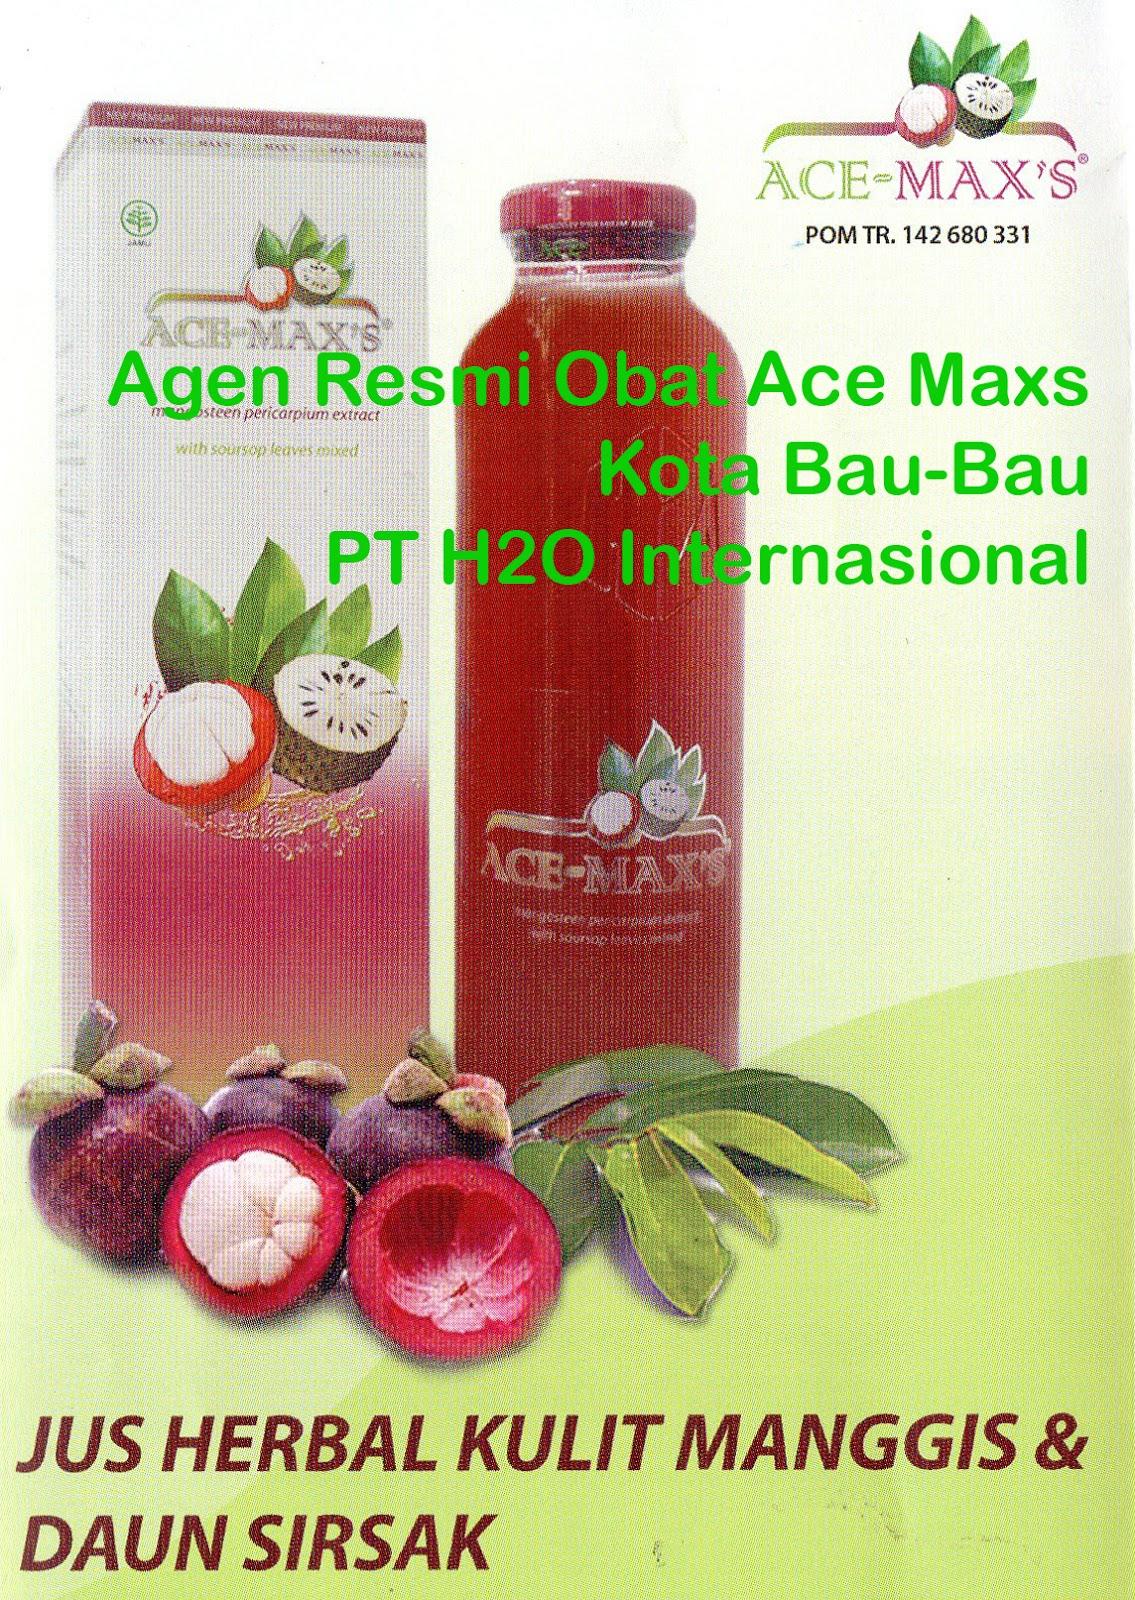 2016 Agen Distributor Ace Maxs Di Sulawesi Tenggara Max Ekstra Kulit Manggis Dan Sirsak Adanya Resmi Ini Diharpakan Bagi Masyarakat Kota Bau Yang Sedang Membutuhkan Obat Herbal Bisa Secara Mudah Langsung Membelinya